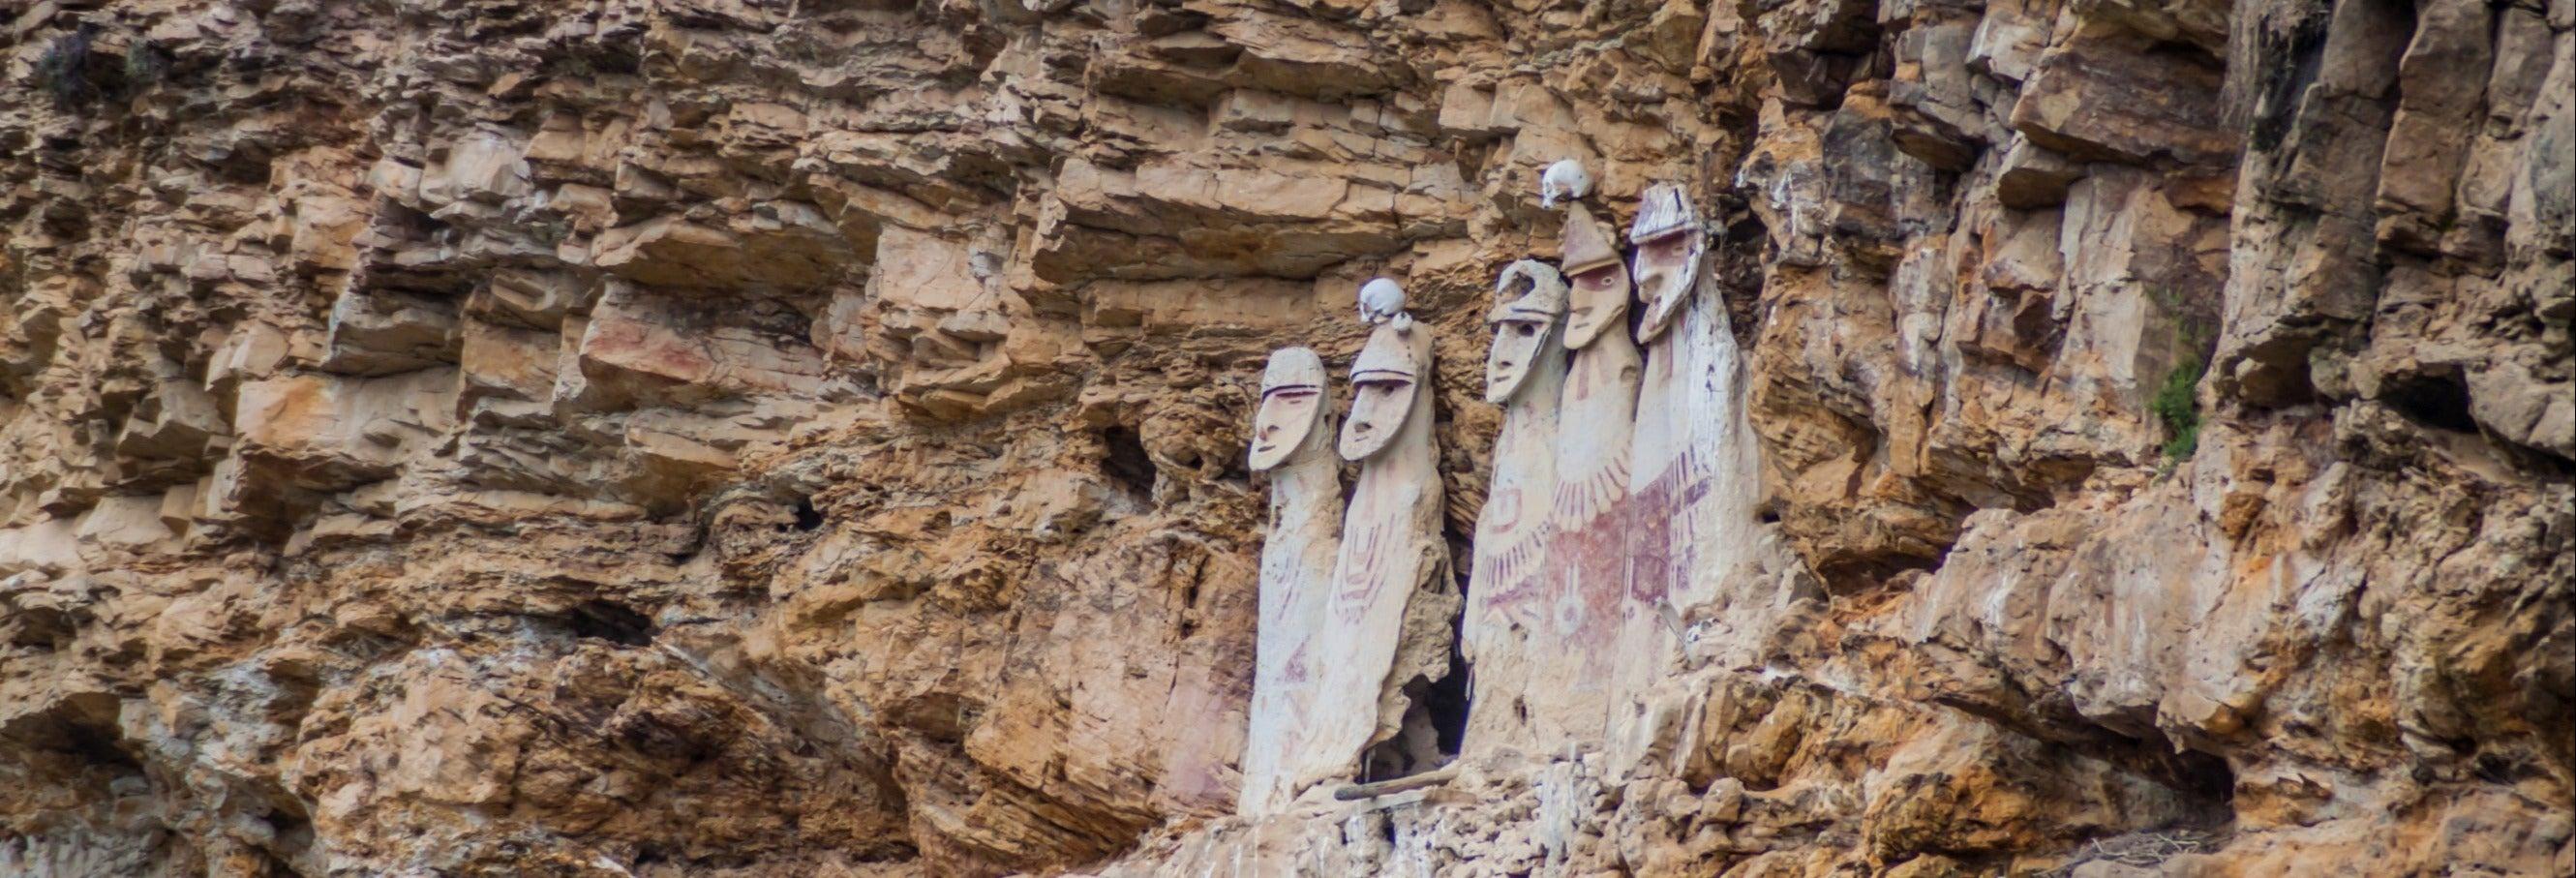 Sarcófagos de Carajía y Cavernas de Quiocta